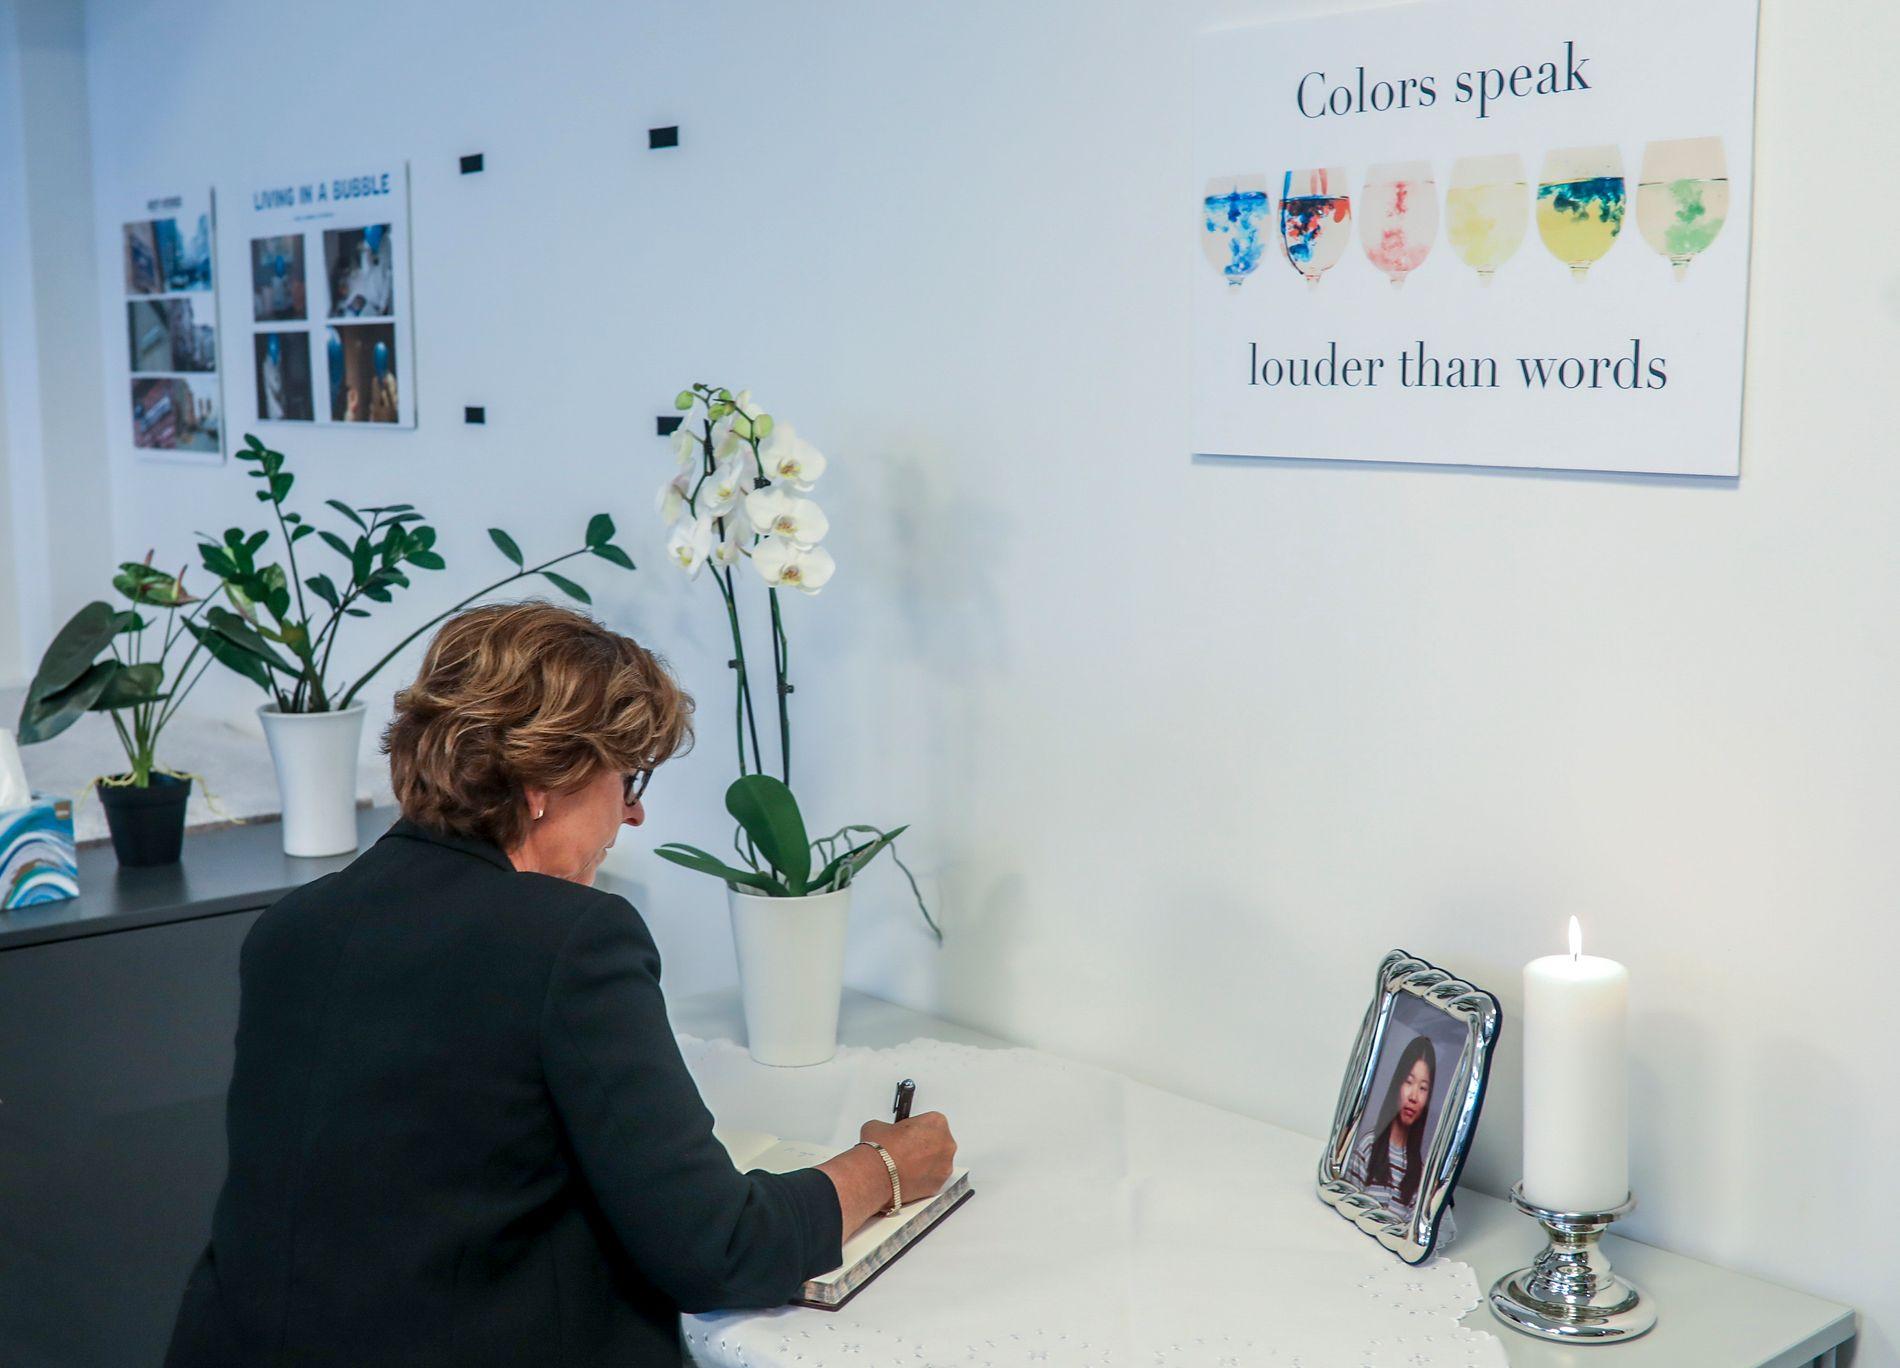 I SORG: Ordfører Lisbeth Hammer Krog i Bærum kommune skriver en hilsen i minneprotokollen til Johanne Zhangjia Ihle-Hansen.